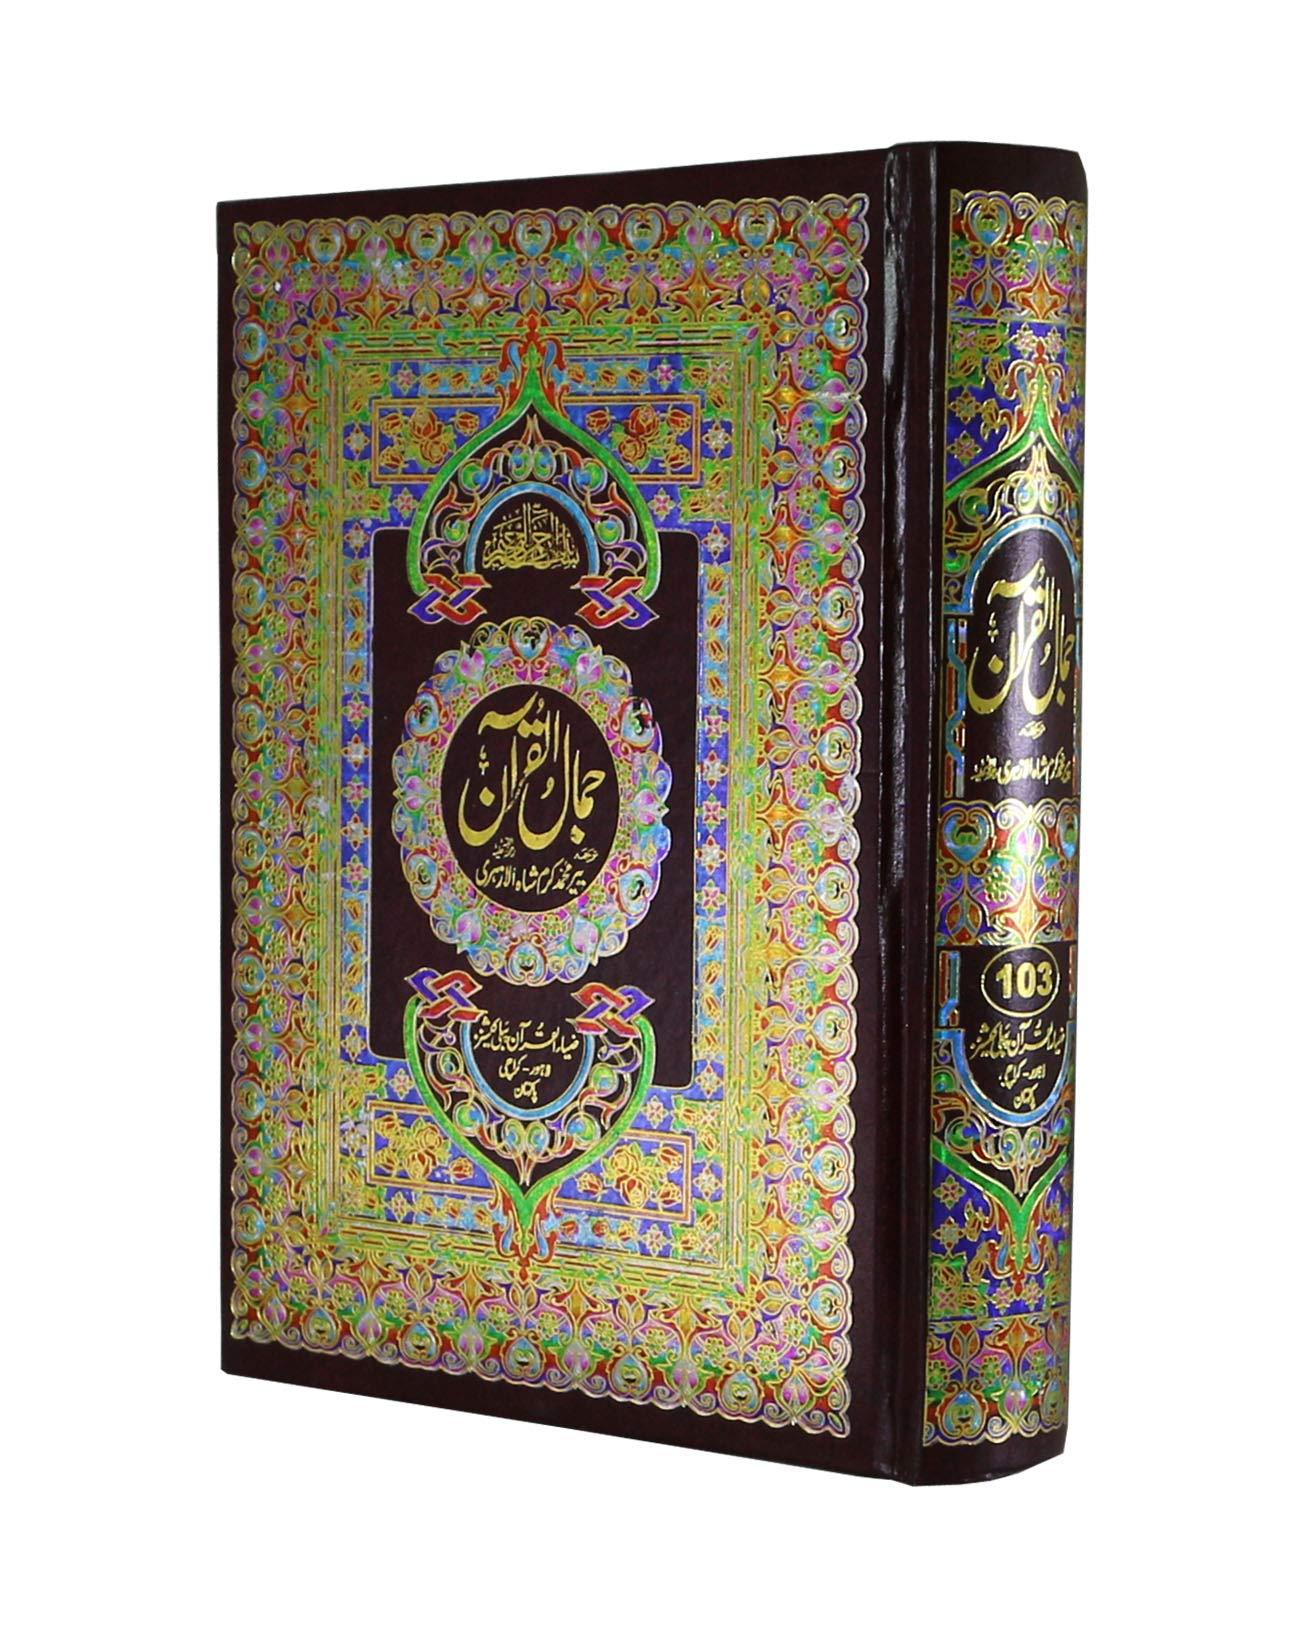 jamal ul quran by pir karam shah pdf free download